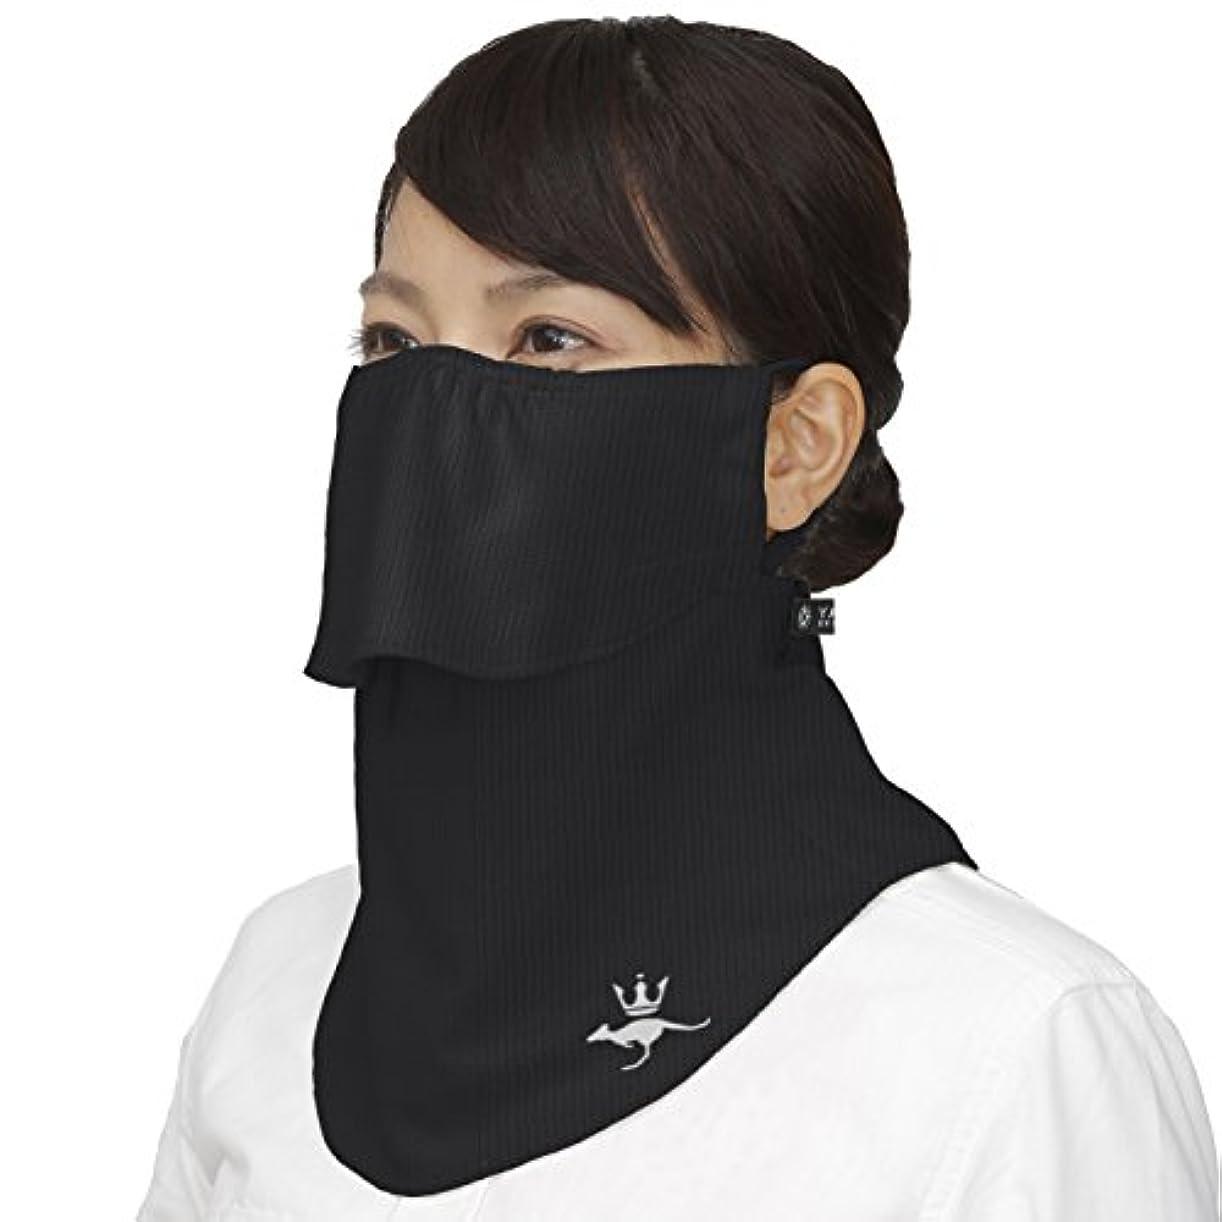 現実的うん家主(シンプソン)Simpson 息苦しくない 紫外線防止 レディース 日焼け防止 UVカット フェイスマスク フェイスカバー STA-M02